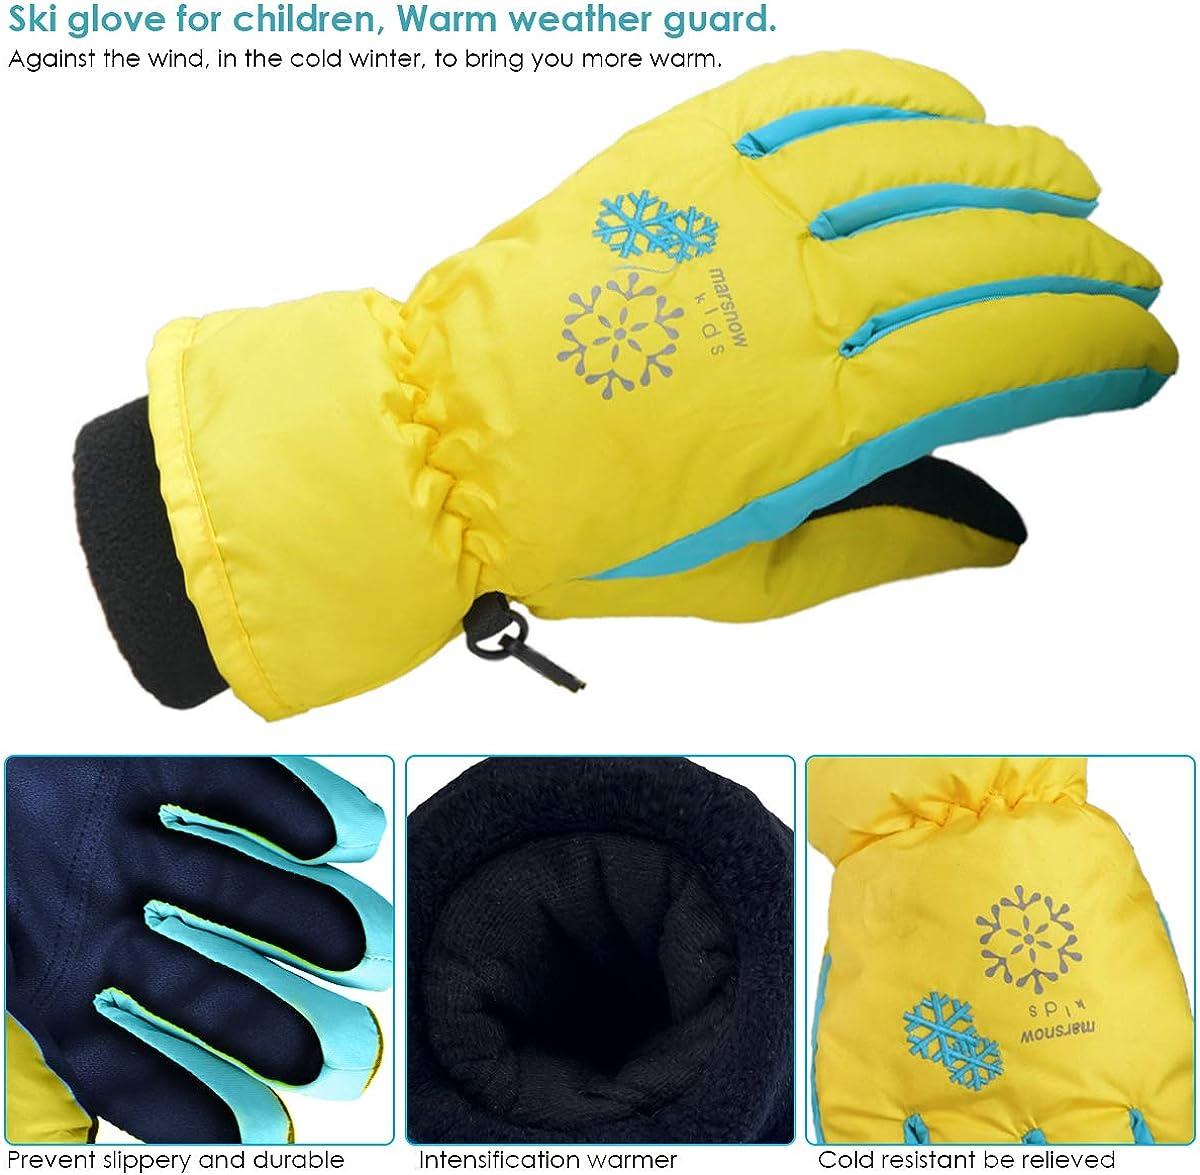 OhhGo Kinder Schneehandschuhe im Freien wasserdicht Winddicht Dicke warme Winter Skihandschuhe f/ür Kinder Jungen M/ädchen